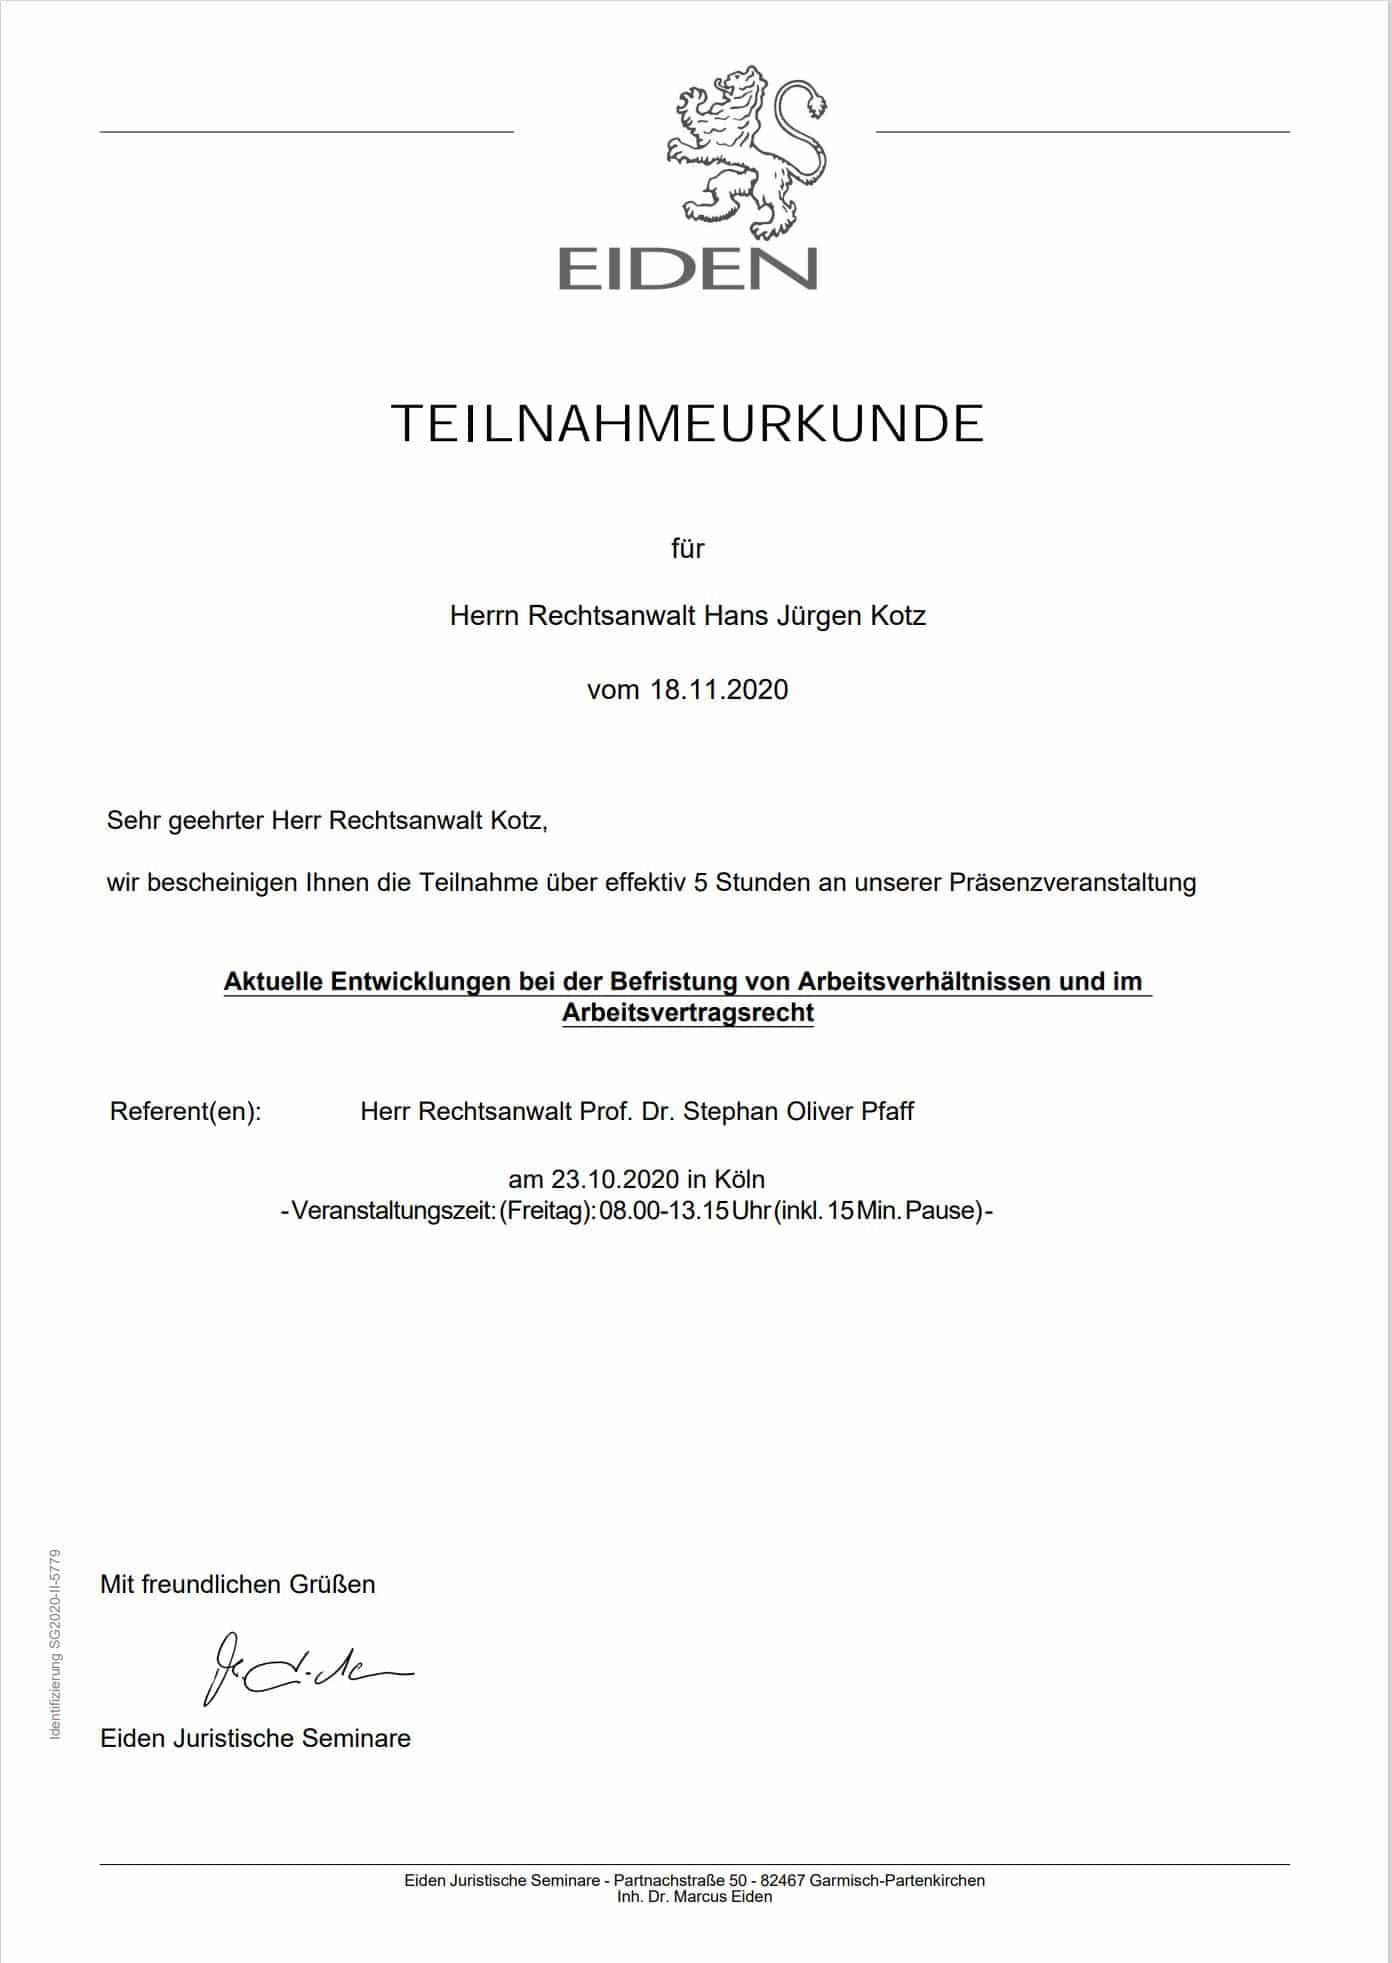 Teilnahmeurkunde-SG2020-II-5779-hk-kotz